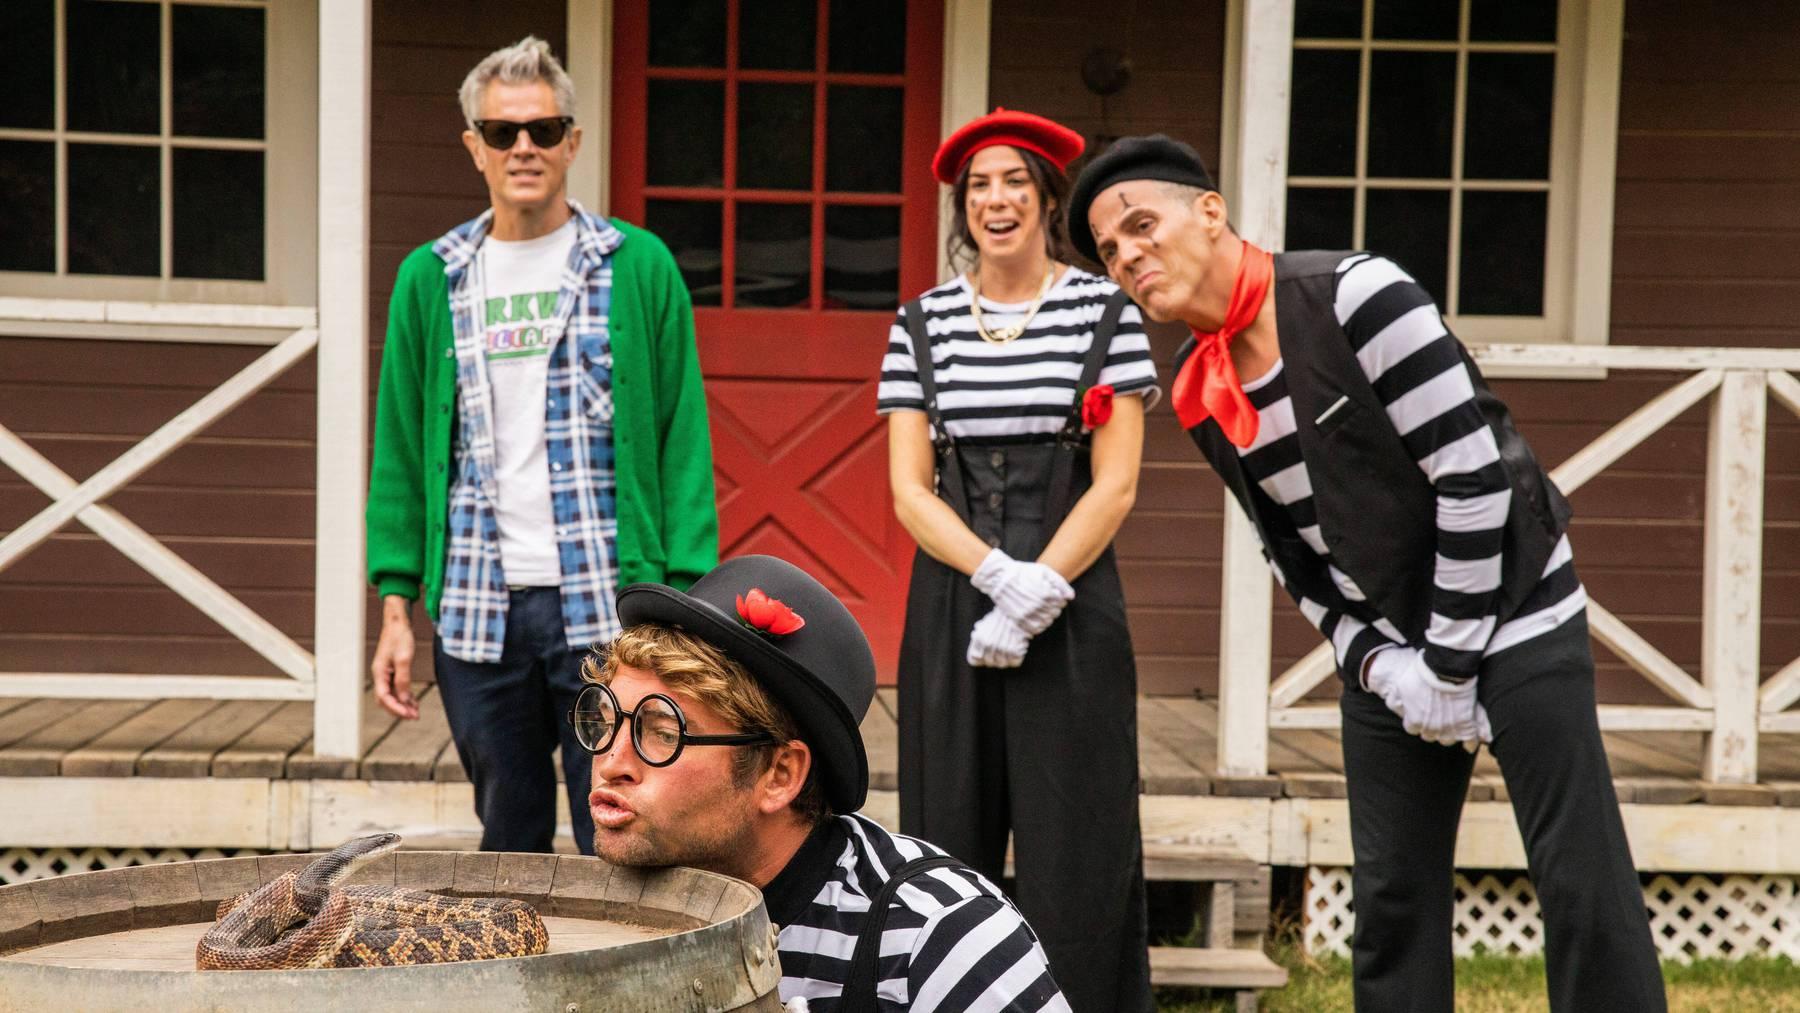 Leicht älter aber noch kein bisschen schlauer: Die «Jackass»-Crew ist sich für einen Blödsinn zu schade.